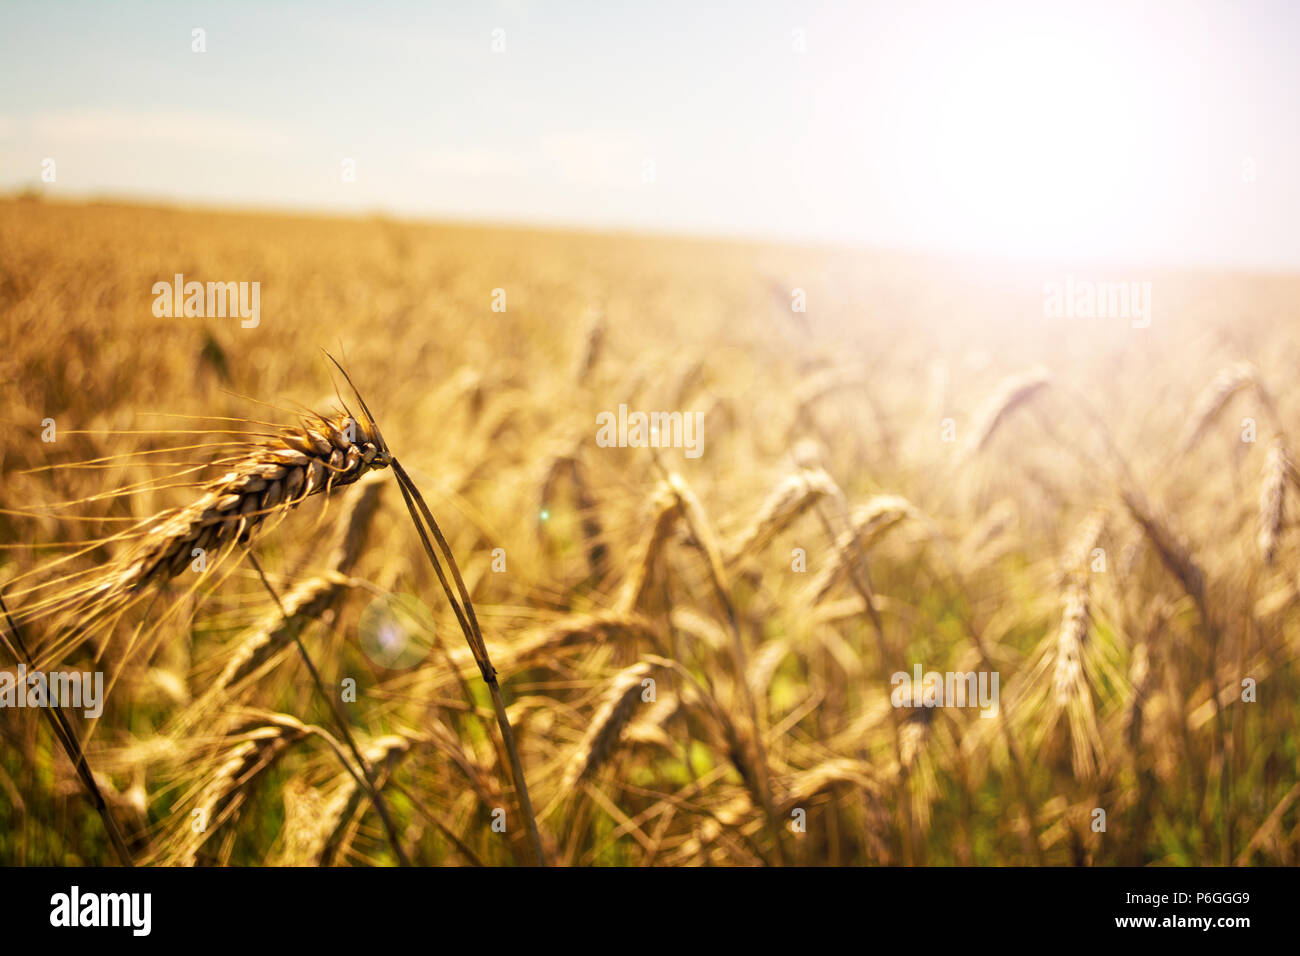 Campo de trigo. Espigas de trigo de oro de cerca. La naturaleza hermosa puesta de sol paisaje. Paisaje rural bajo la luz del sol brillante. Antecedentes de la maduración oídos de prado campo de trigo. Concepto de cosecha abundante. Soft Focus. Foto de stock